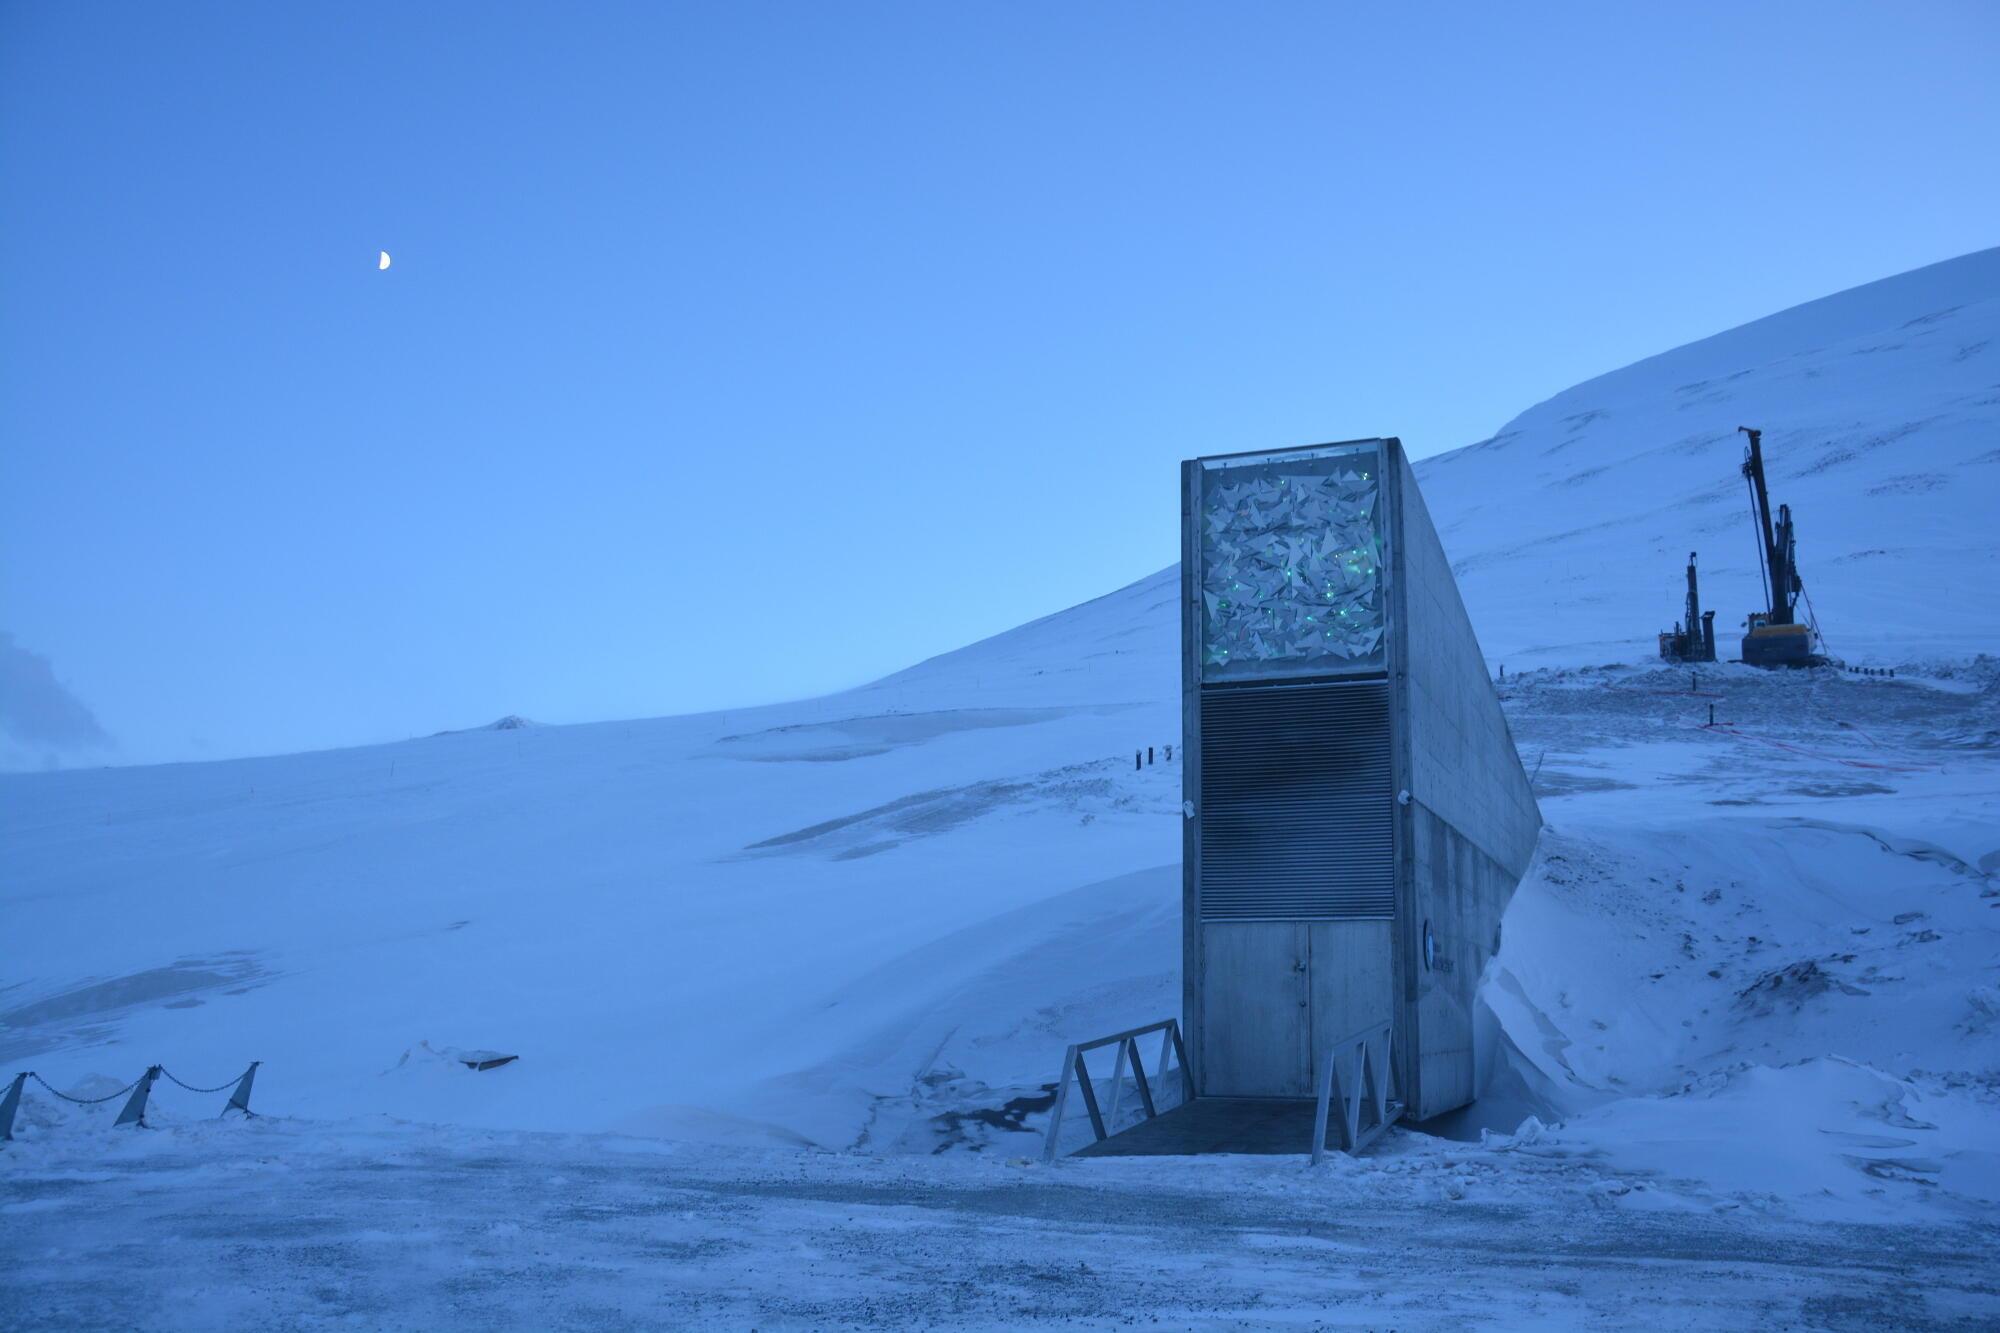 La Reserva mundial de semillas, en el archipiélago de Svalbard, queda a sólo 1100 km del Polo Norte.